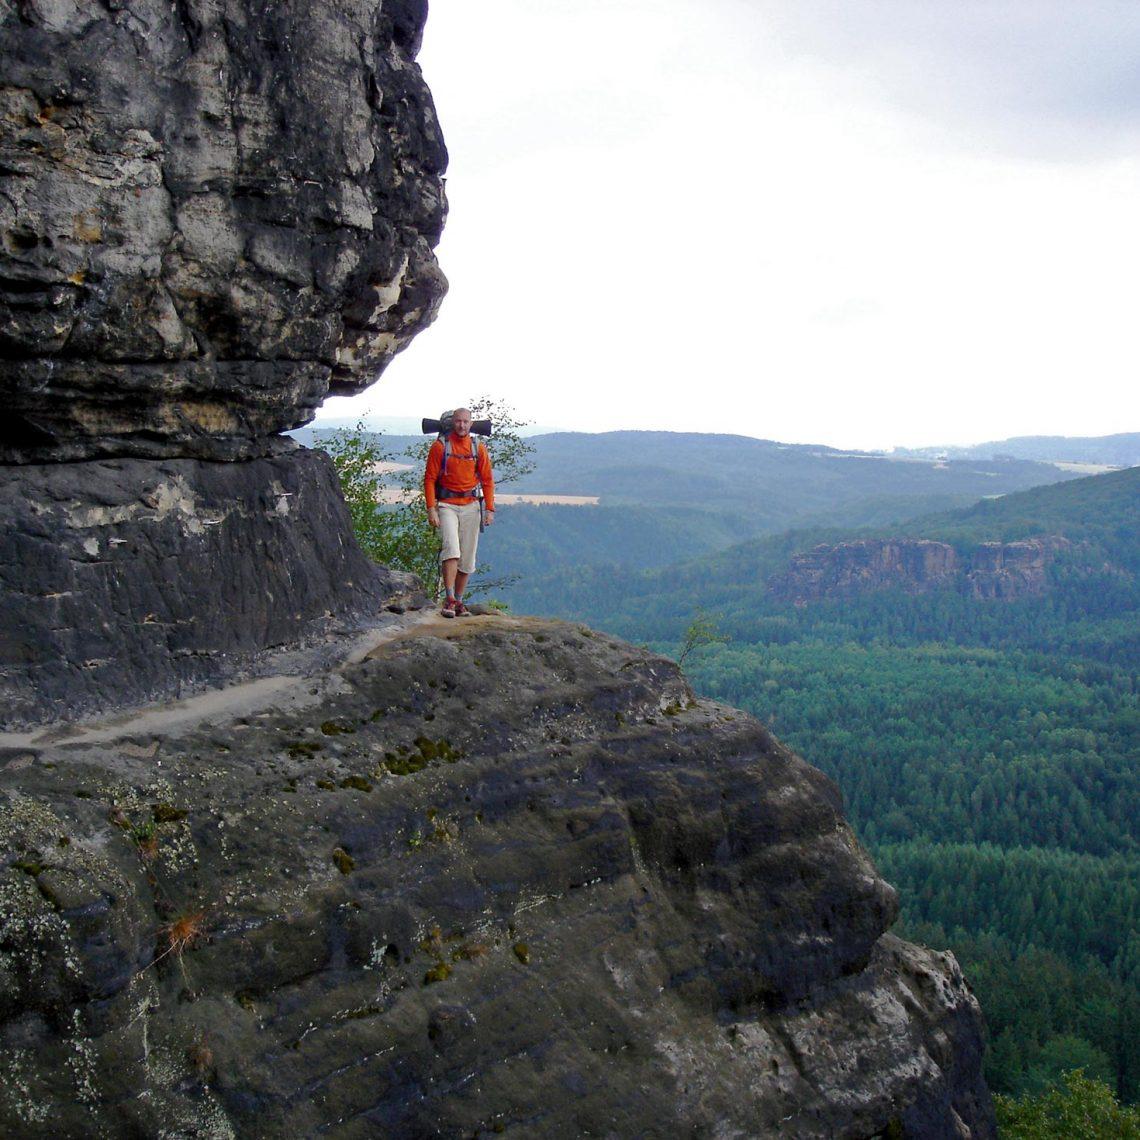 Um zur Ida-Grotte zu kommen heißt es ein wenig klettern.